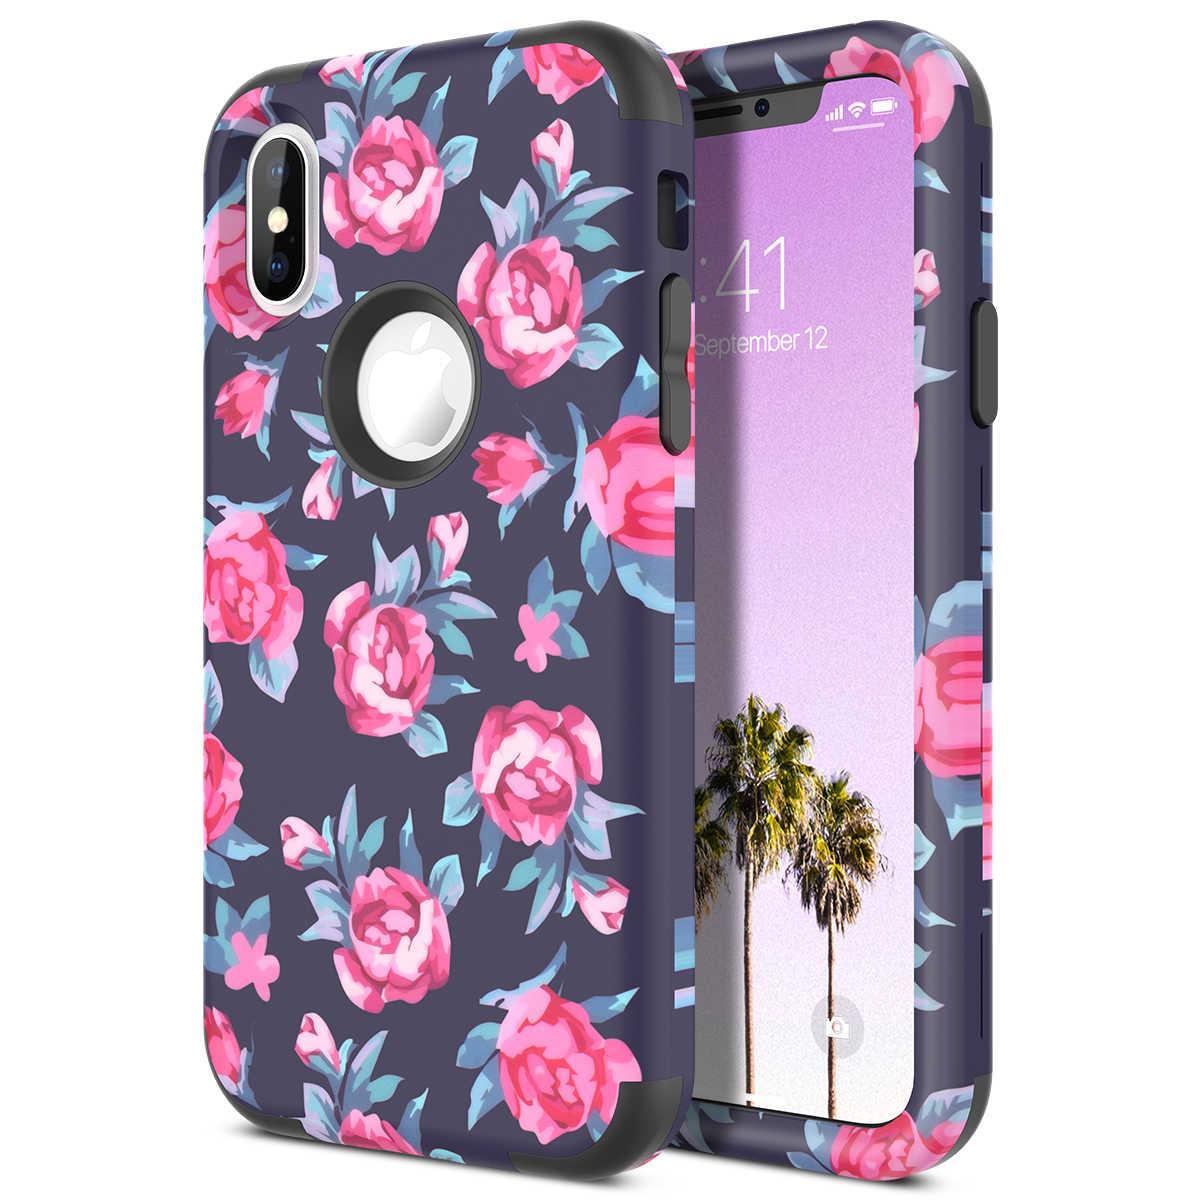 3 ใน 1 สำหรับ iphone XR ฝาครอบดอกไม้สำหรับลวดลายกันชน PC ซิลิโคนกันกระแทก Cover สำหรับ iphone xs X Max